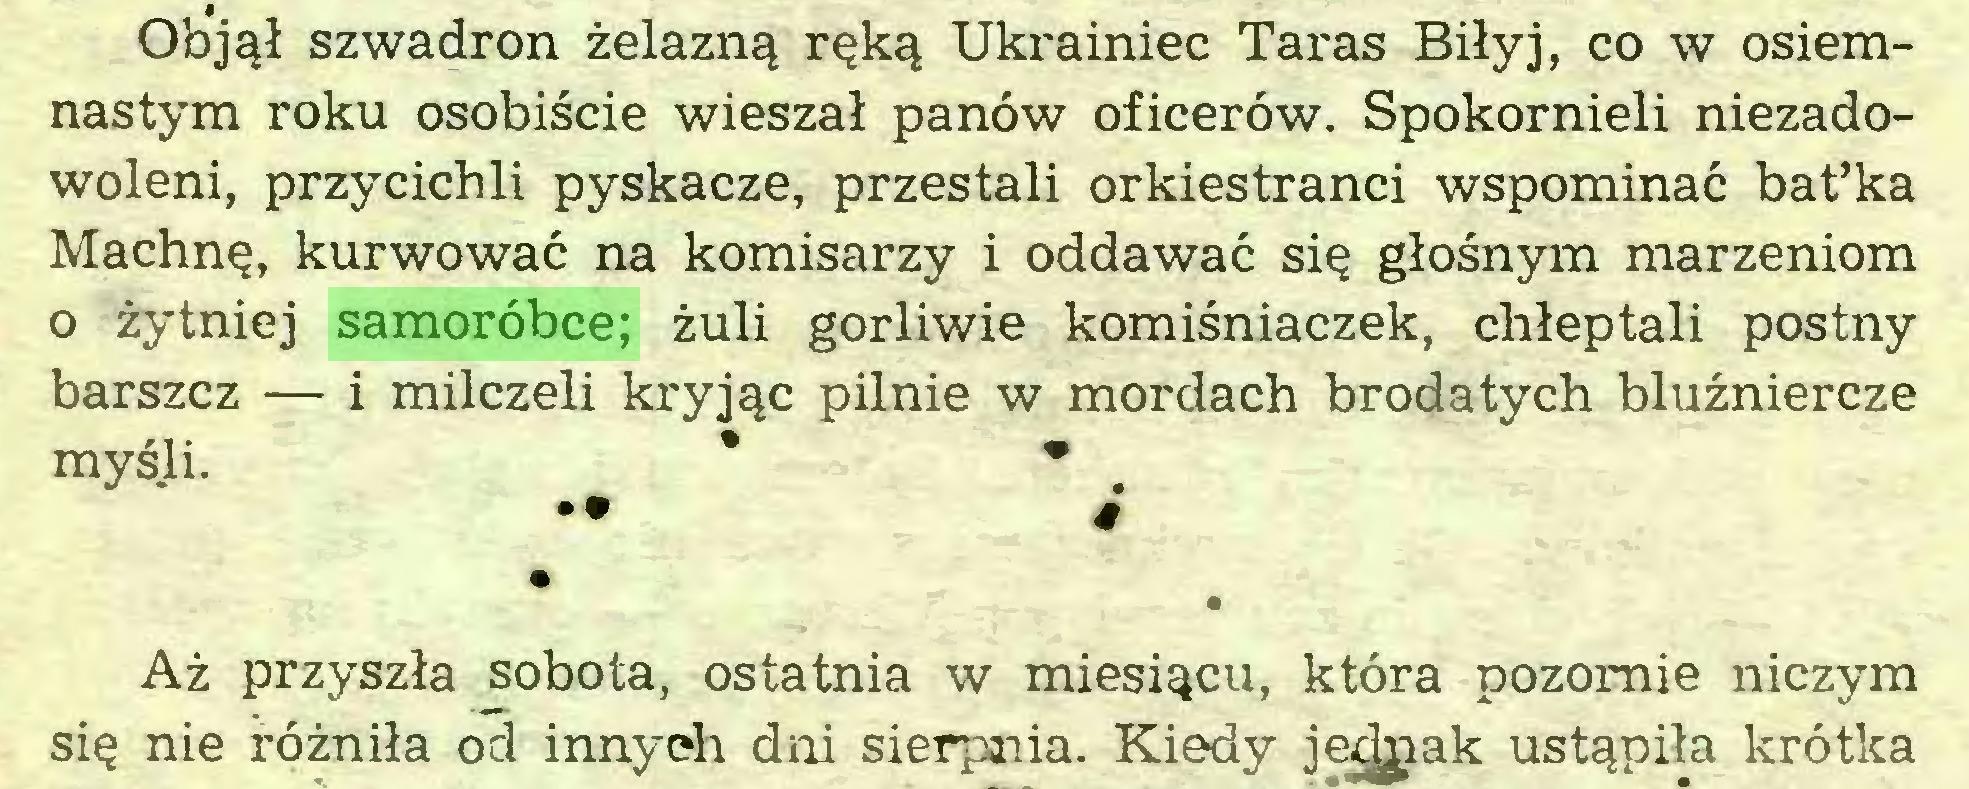 (...) Objął szwadron żelazną ręką Ukrainiec Taras Biłyj, co w osiemnastym roku osobiście wieszał panów oficerów. Spokornieli niezadowoleni, przycichli pyskacze, przestali orkiestranci wspominać batfka Machnę, kurwować na komisarzy i oddawać się głośnym marzeniom 0 żytniej samoróbce; żuli gorliwie komiśniaczek, chłeptali postny barszcz — i milczeli kryjąc pilnie w mordach brodatych bluźniercze myśli. * • •• # • Aż przyszła sobota, ostatnia w miesiącu, która pozornie niczym się nie różniła od innych dni sierpnia. Kiedy je^pak ustąpiła krótka...